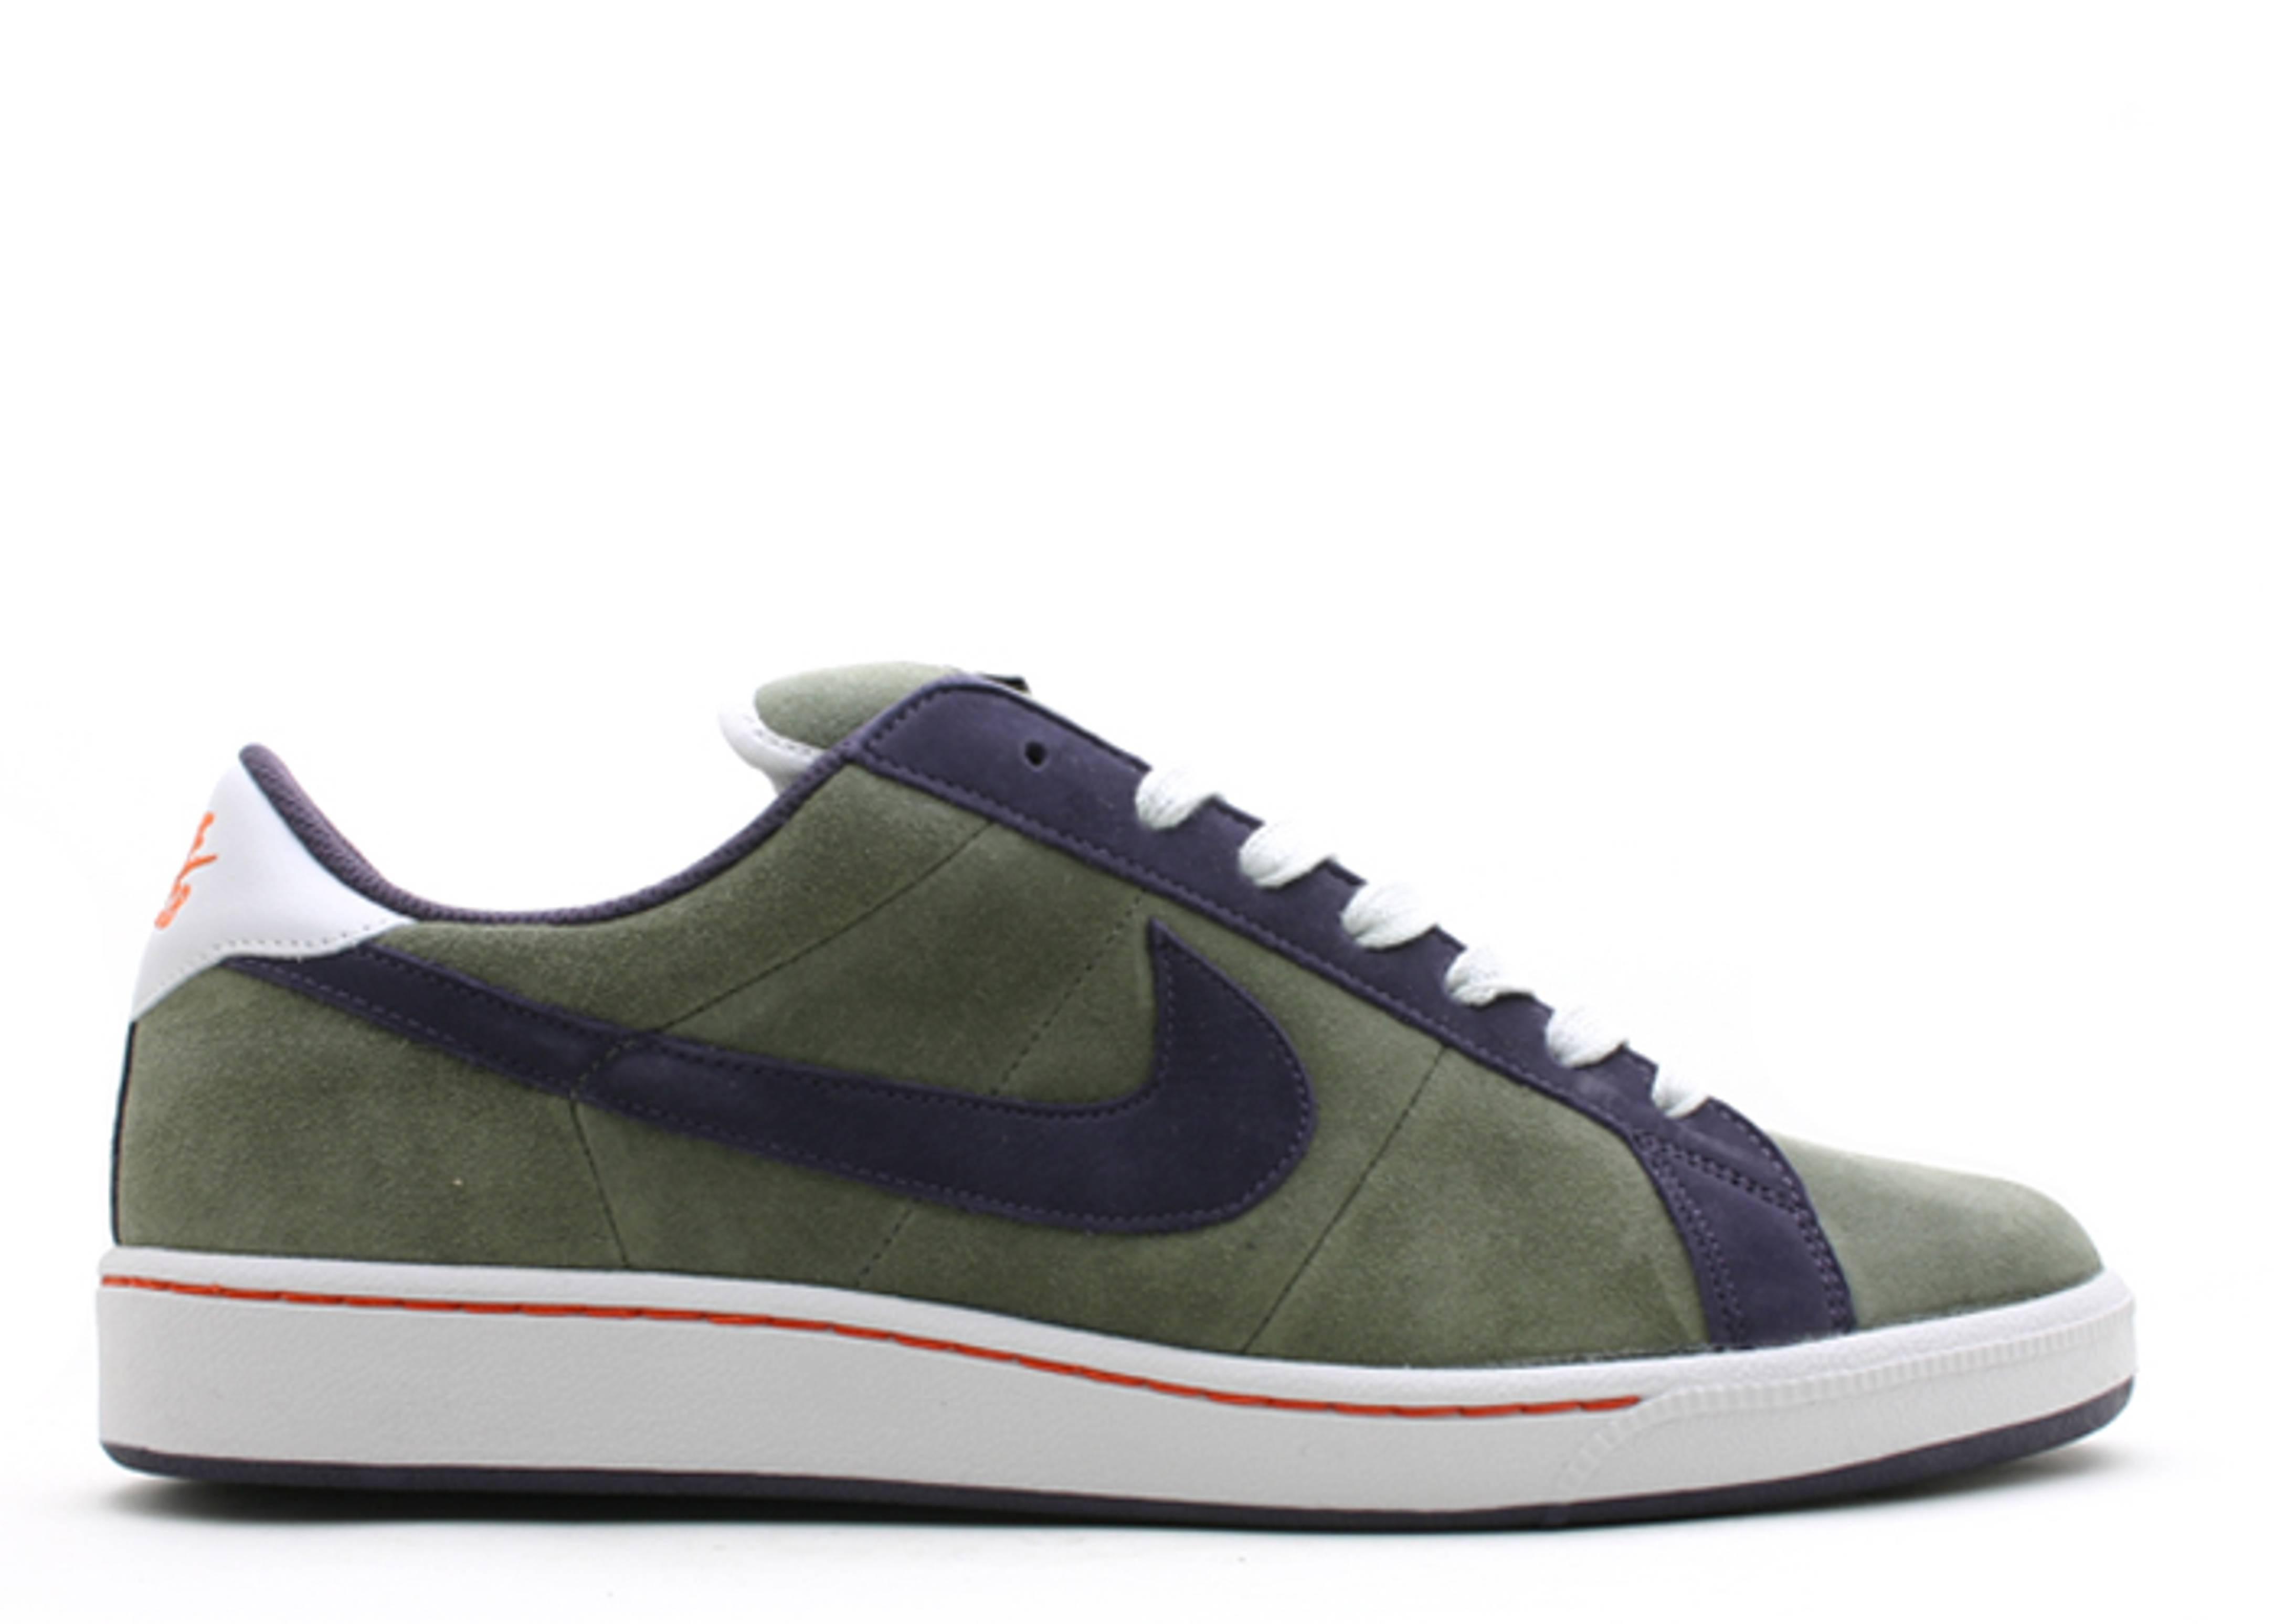 72b2e6f5a9c4c5 Nike Zoom Classic High Sb Shoe Repair Service